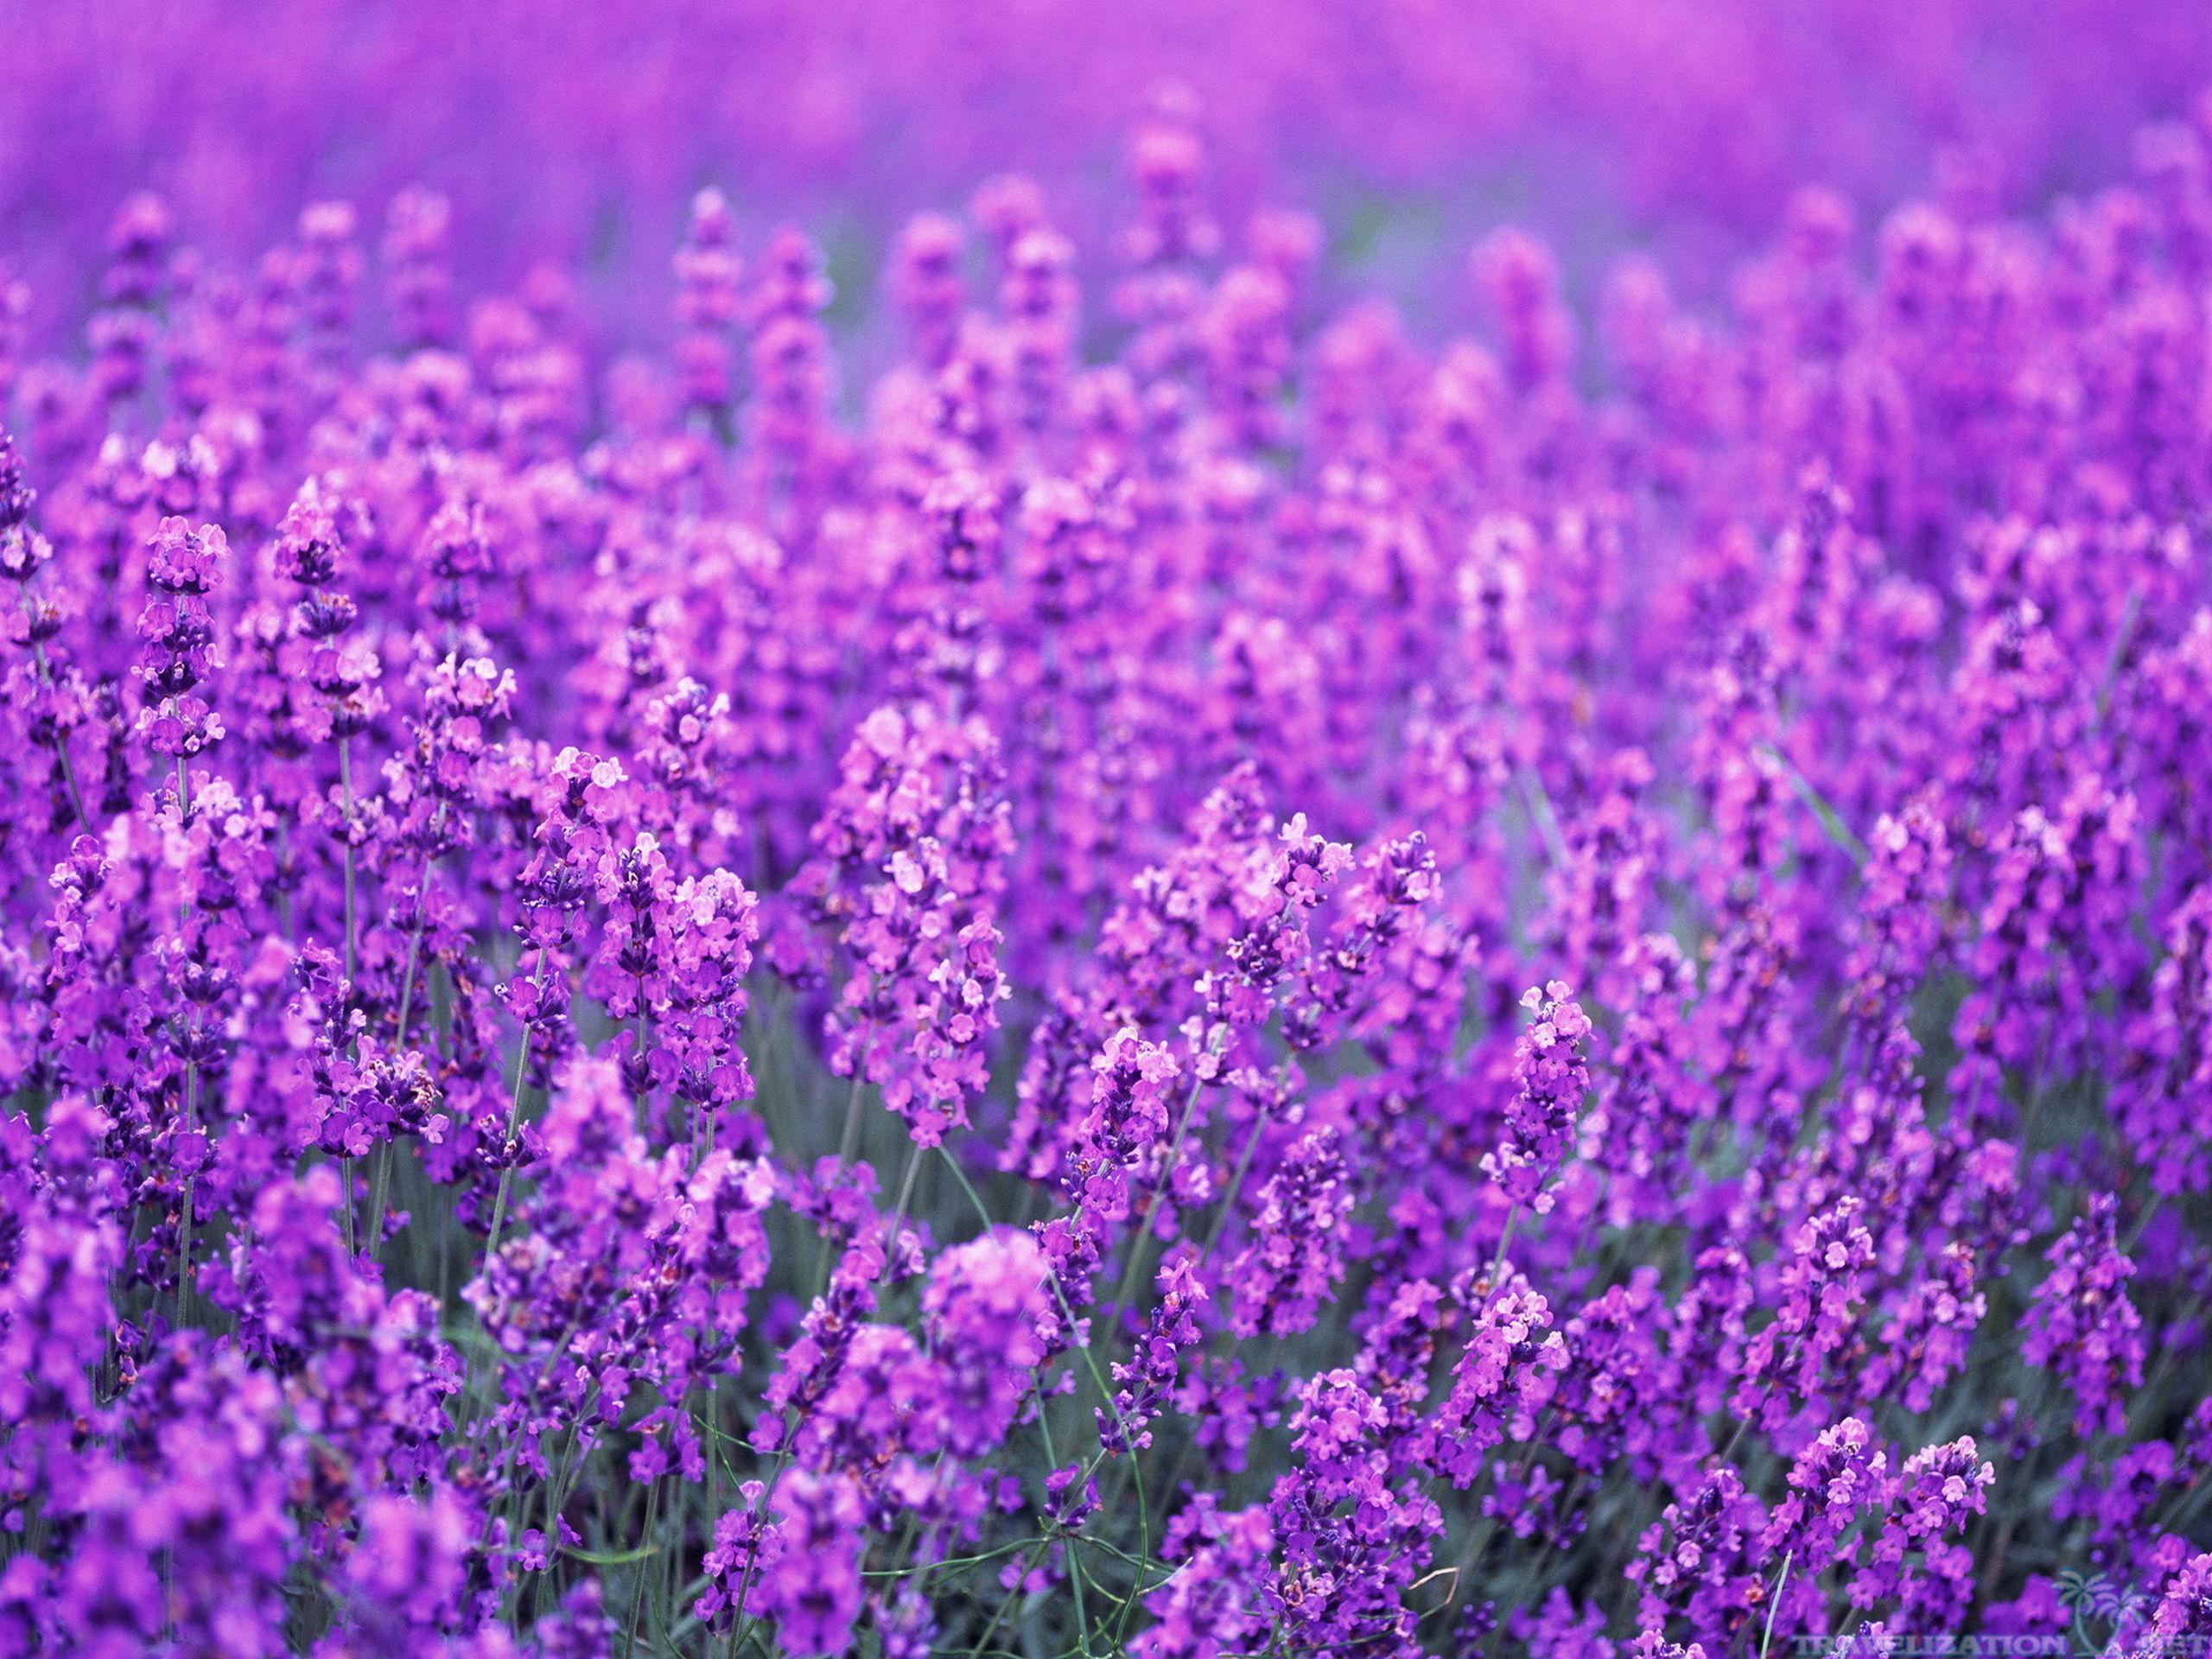 Quotes about lavender flowers quotesgram - Lavender purple wallpaper ...